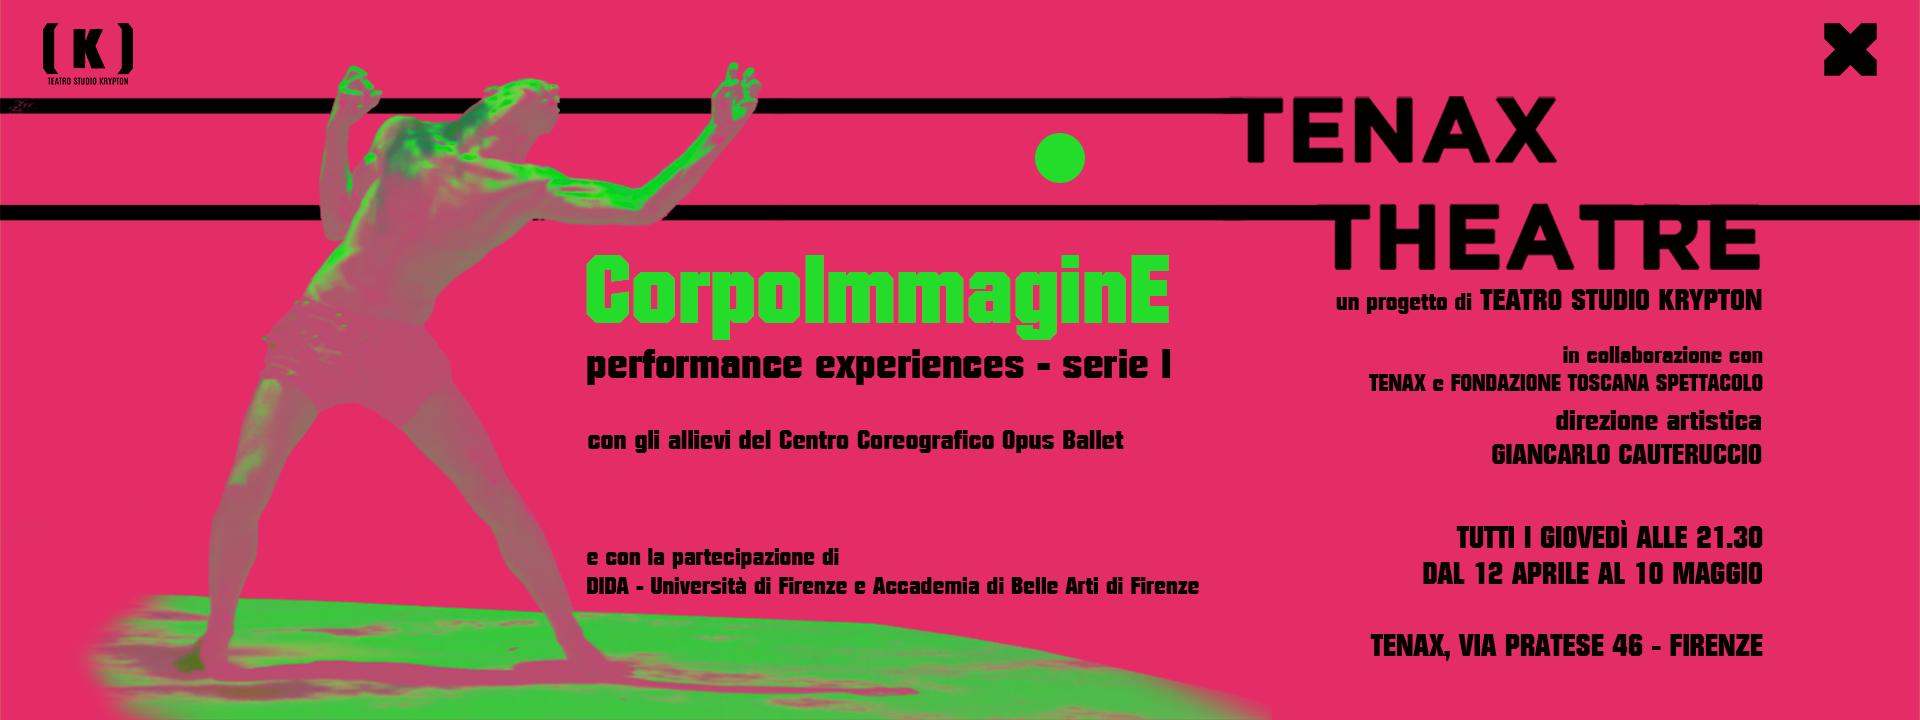 tenax theatre_corpoimmagine_banner Opus